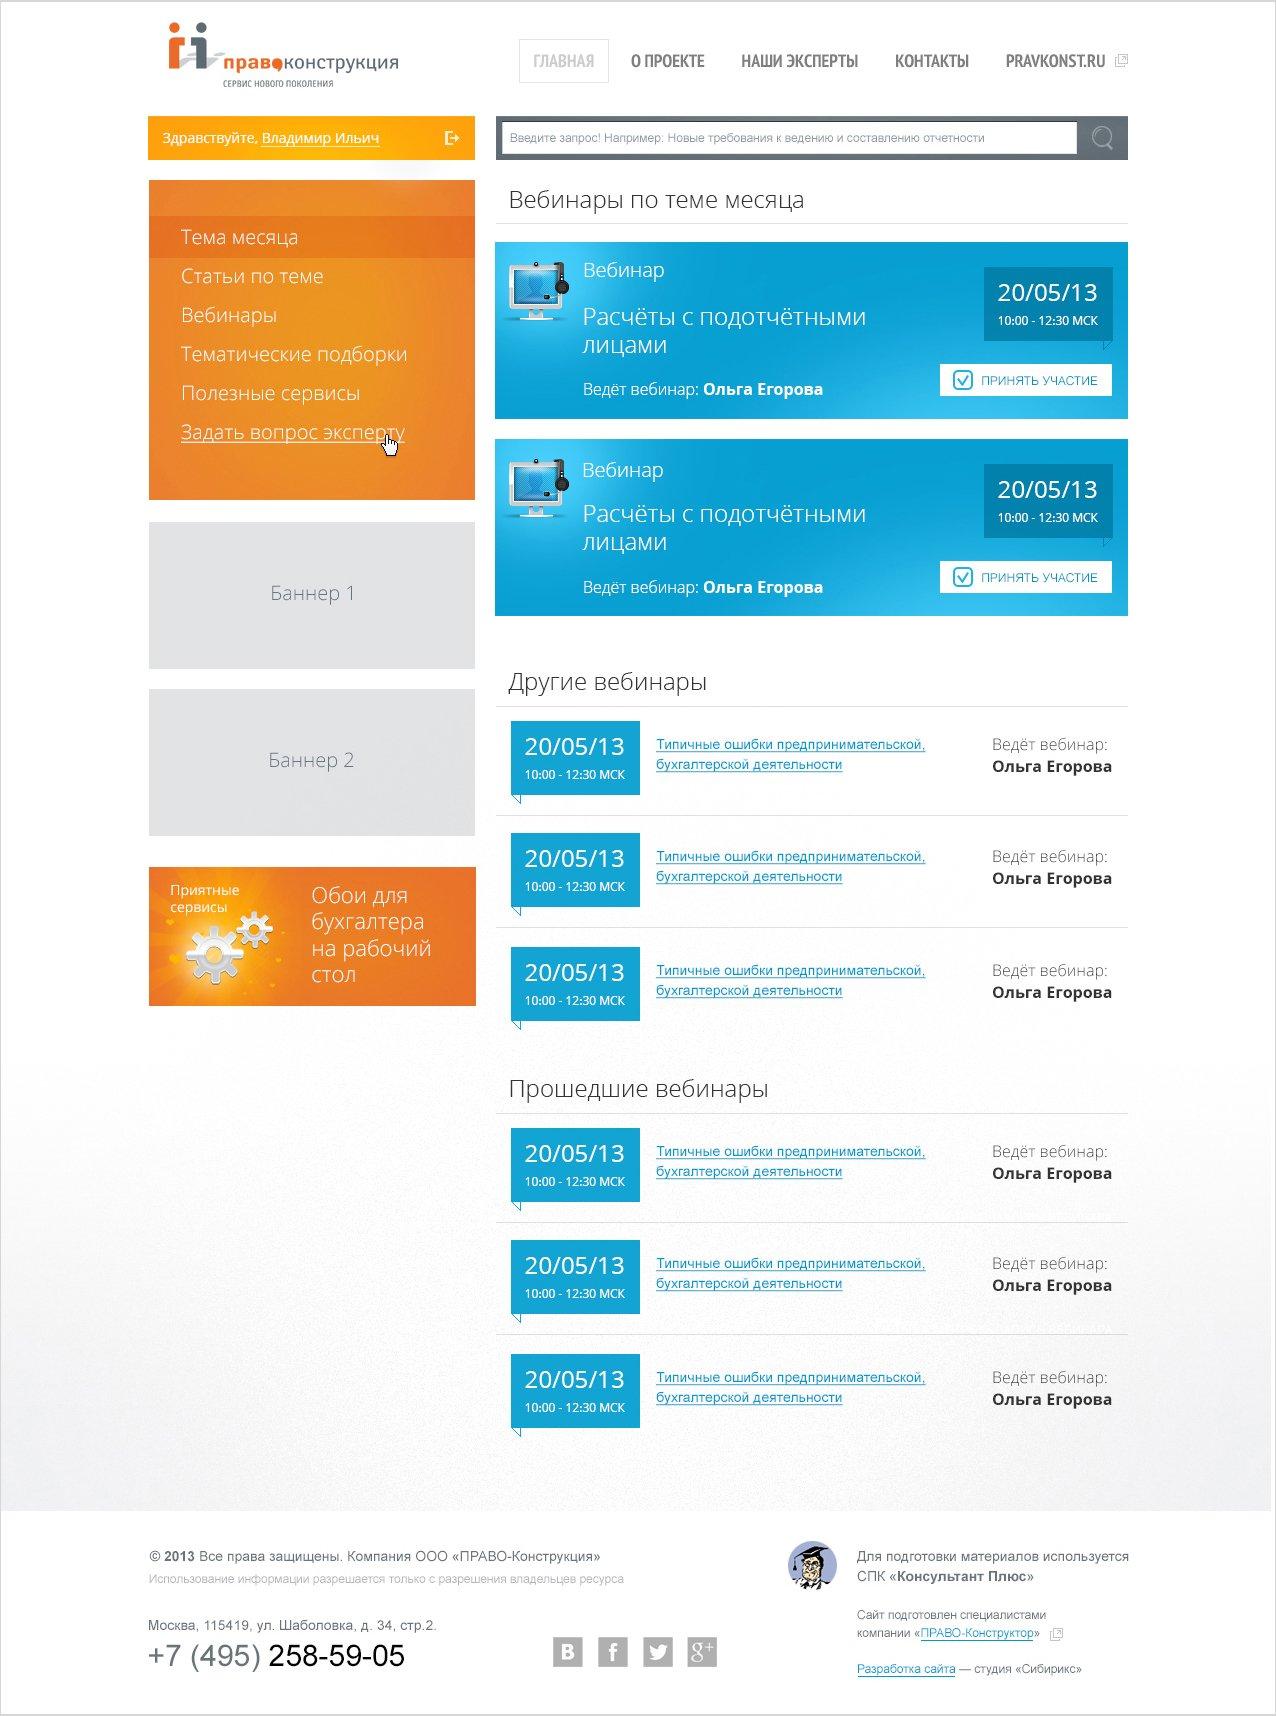 <p><b>Вебинары</b></p> <p>Авторизованным пользователям доступны все материалы раздела.</p>